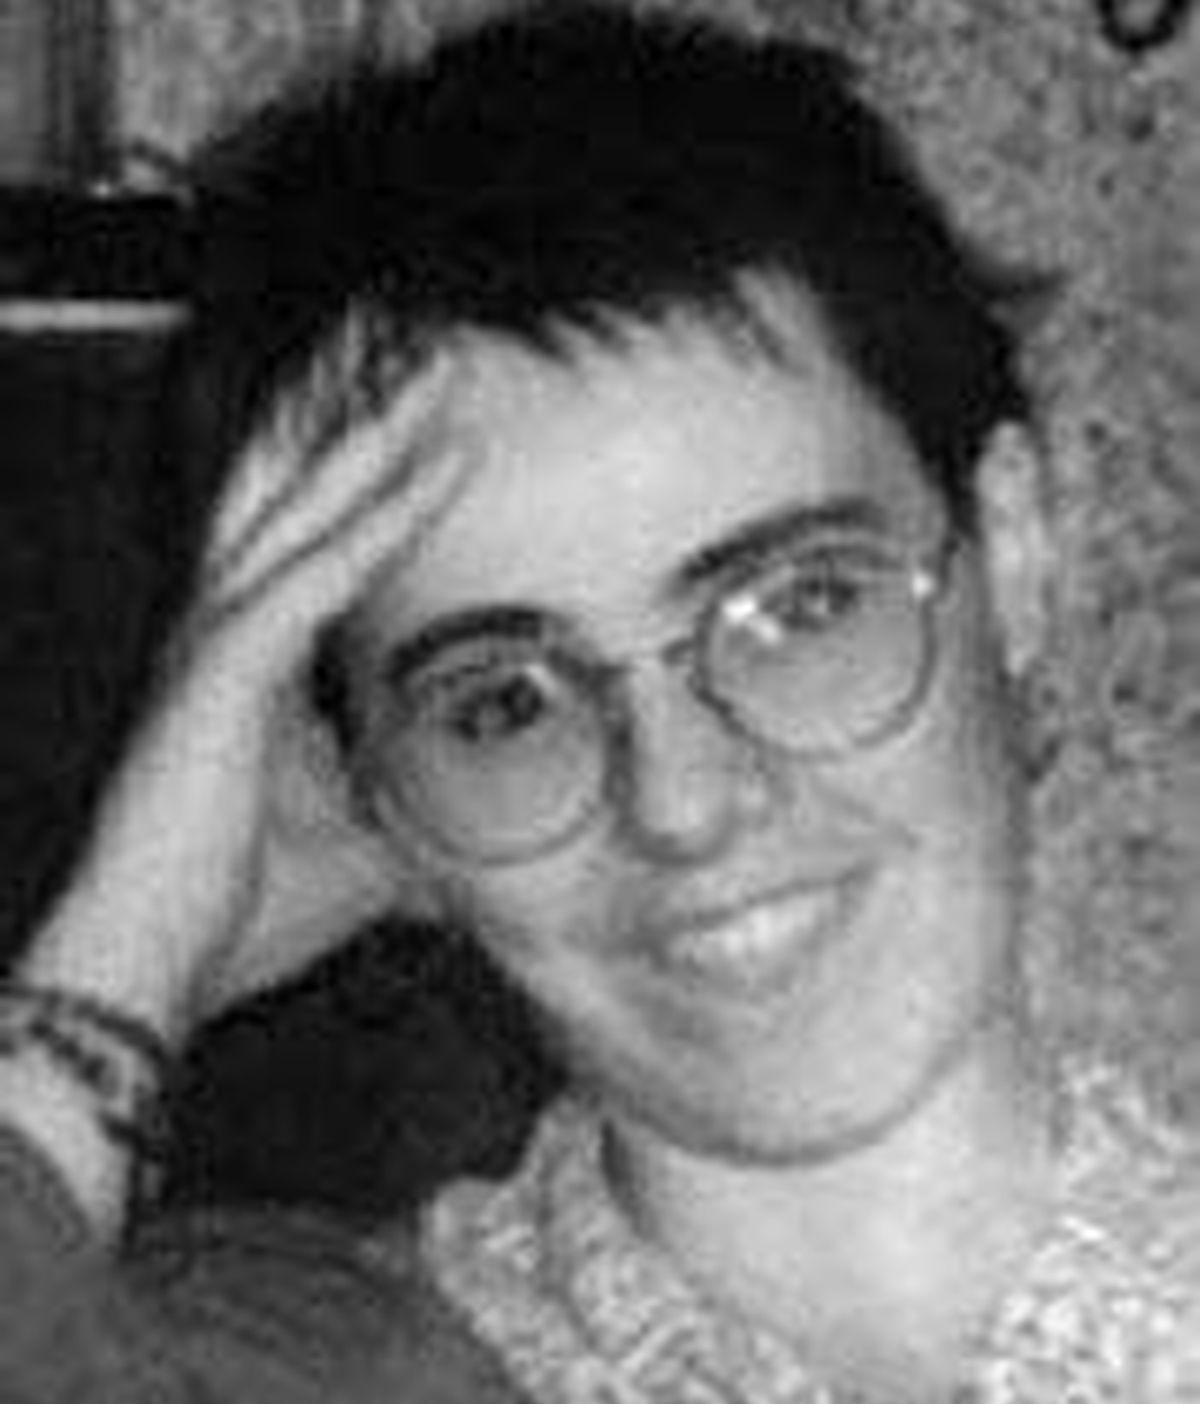 Kizkitza Gil San Vicente fue detenida en 2006 en Burdeos y estaba condenada, desde el pasado 11 de marzo, a cuatro años por pertenencia a banda armada. Foto: Askatu.org